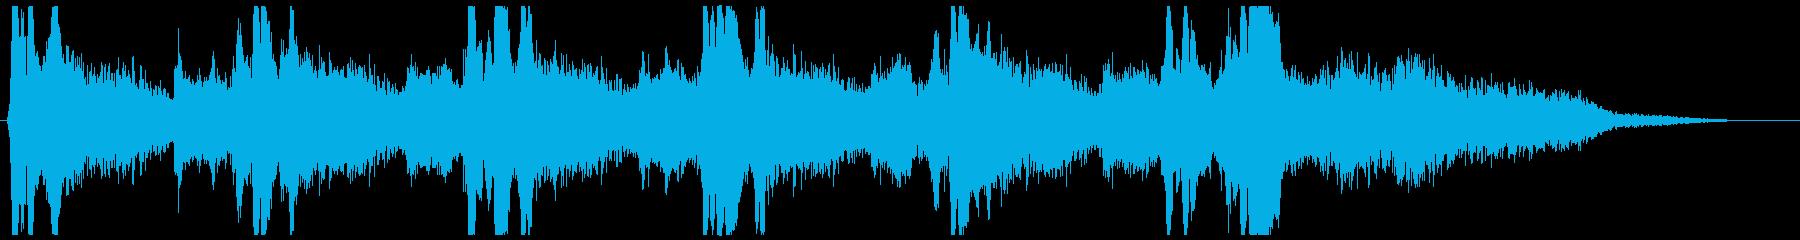 ゴースト・ホラー・映画の音源・BGMの再生済みの波形